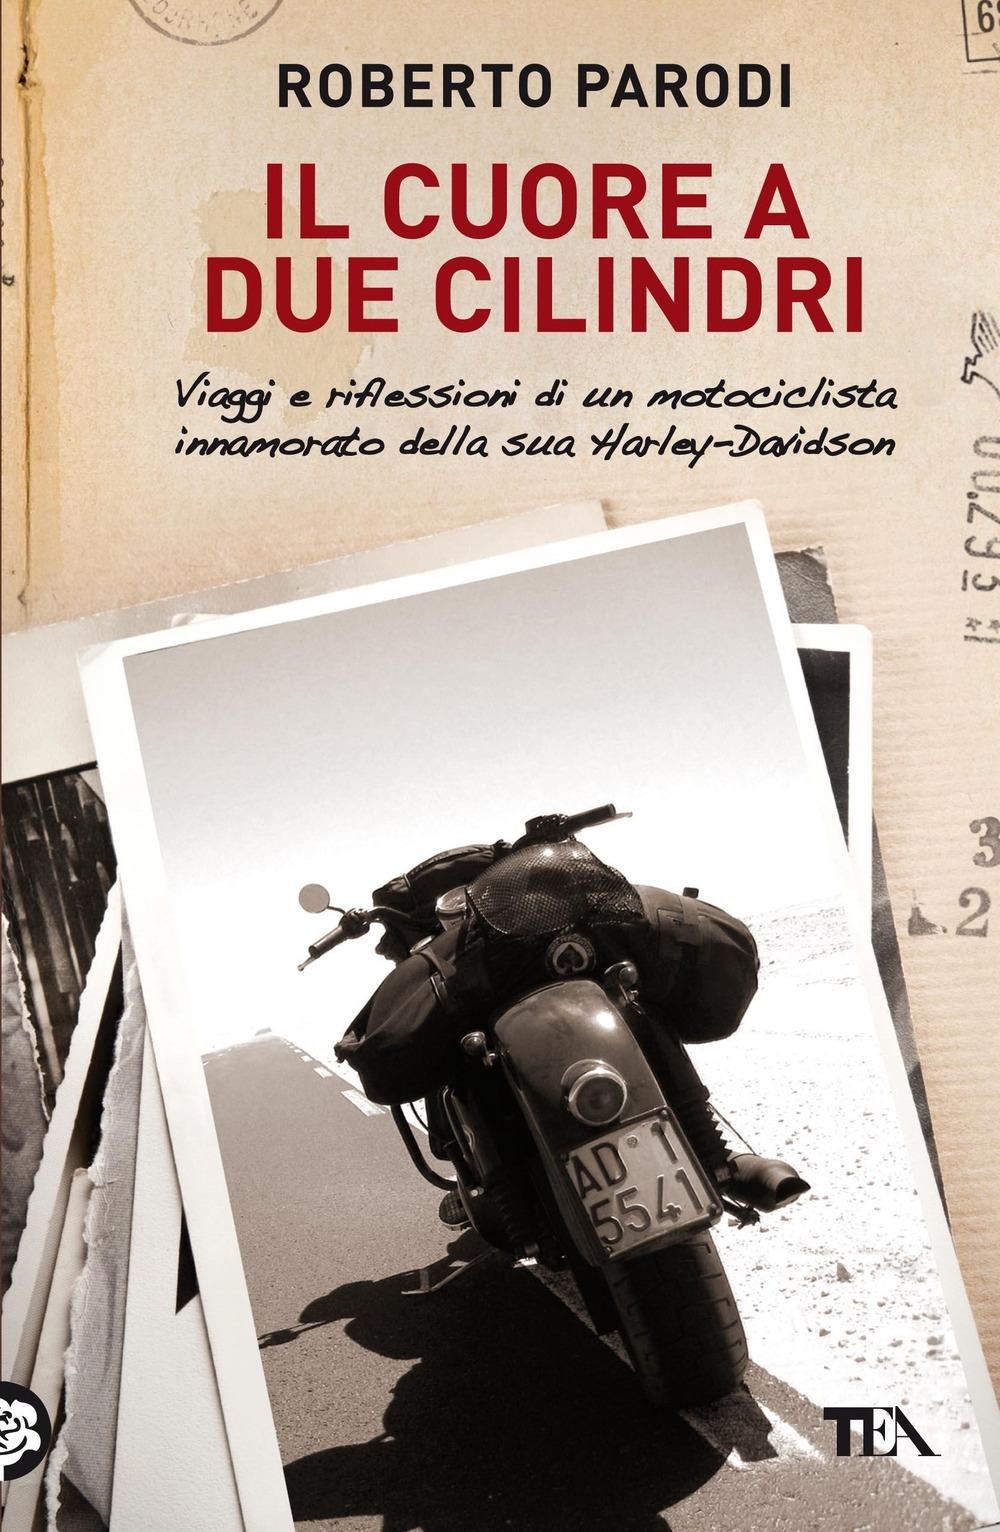 Il cuore a due cilindri. Viaggi e riflessioni di un motociclista innamorato della sua Harley-Davidson